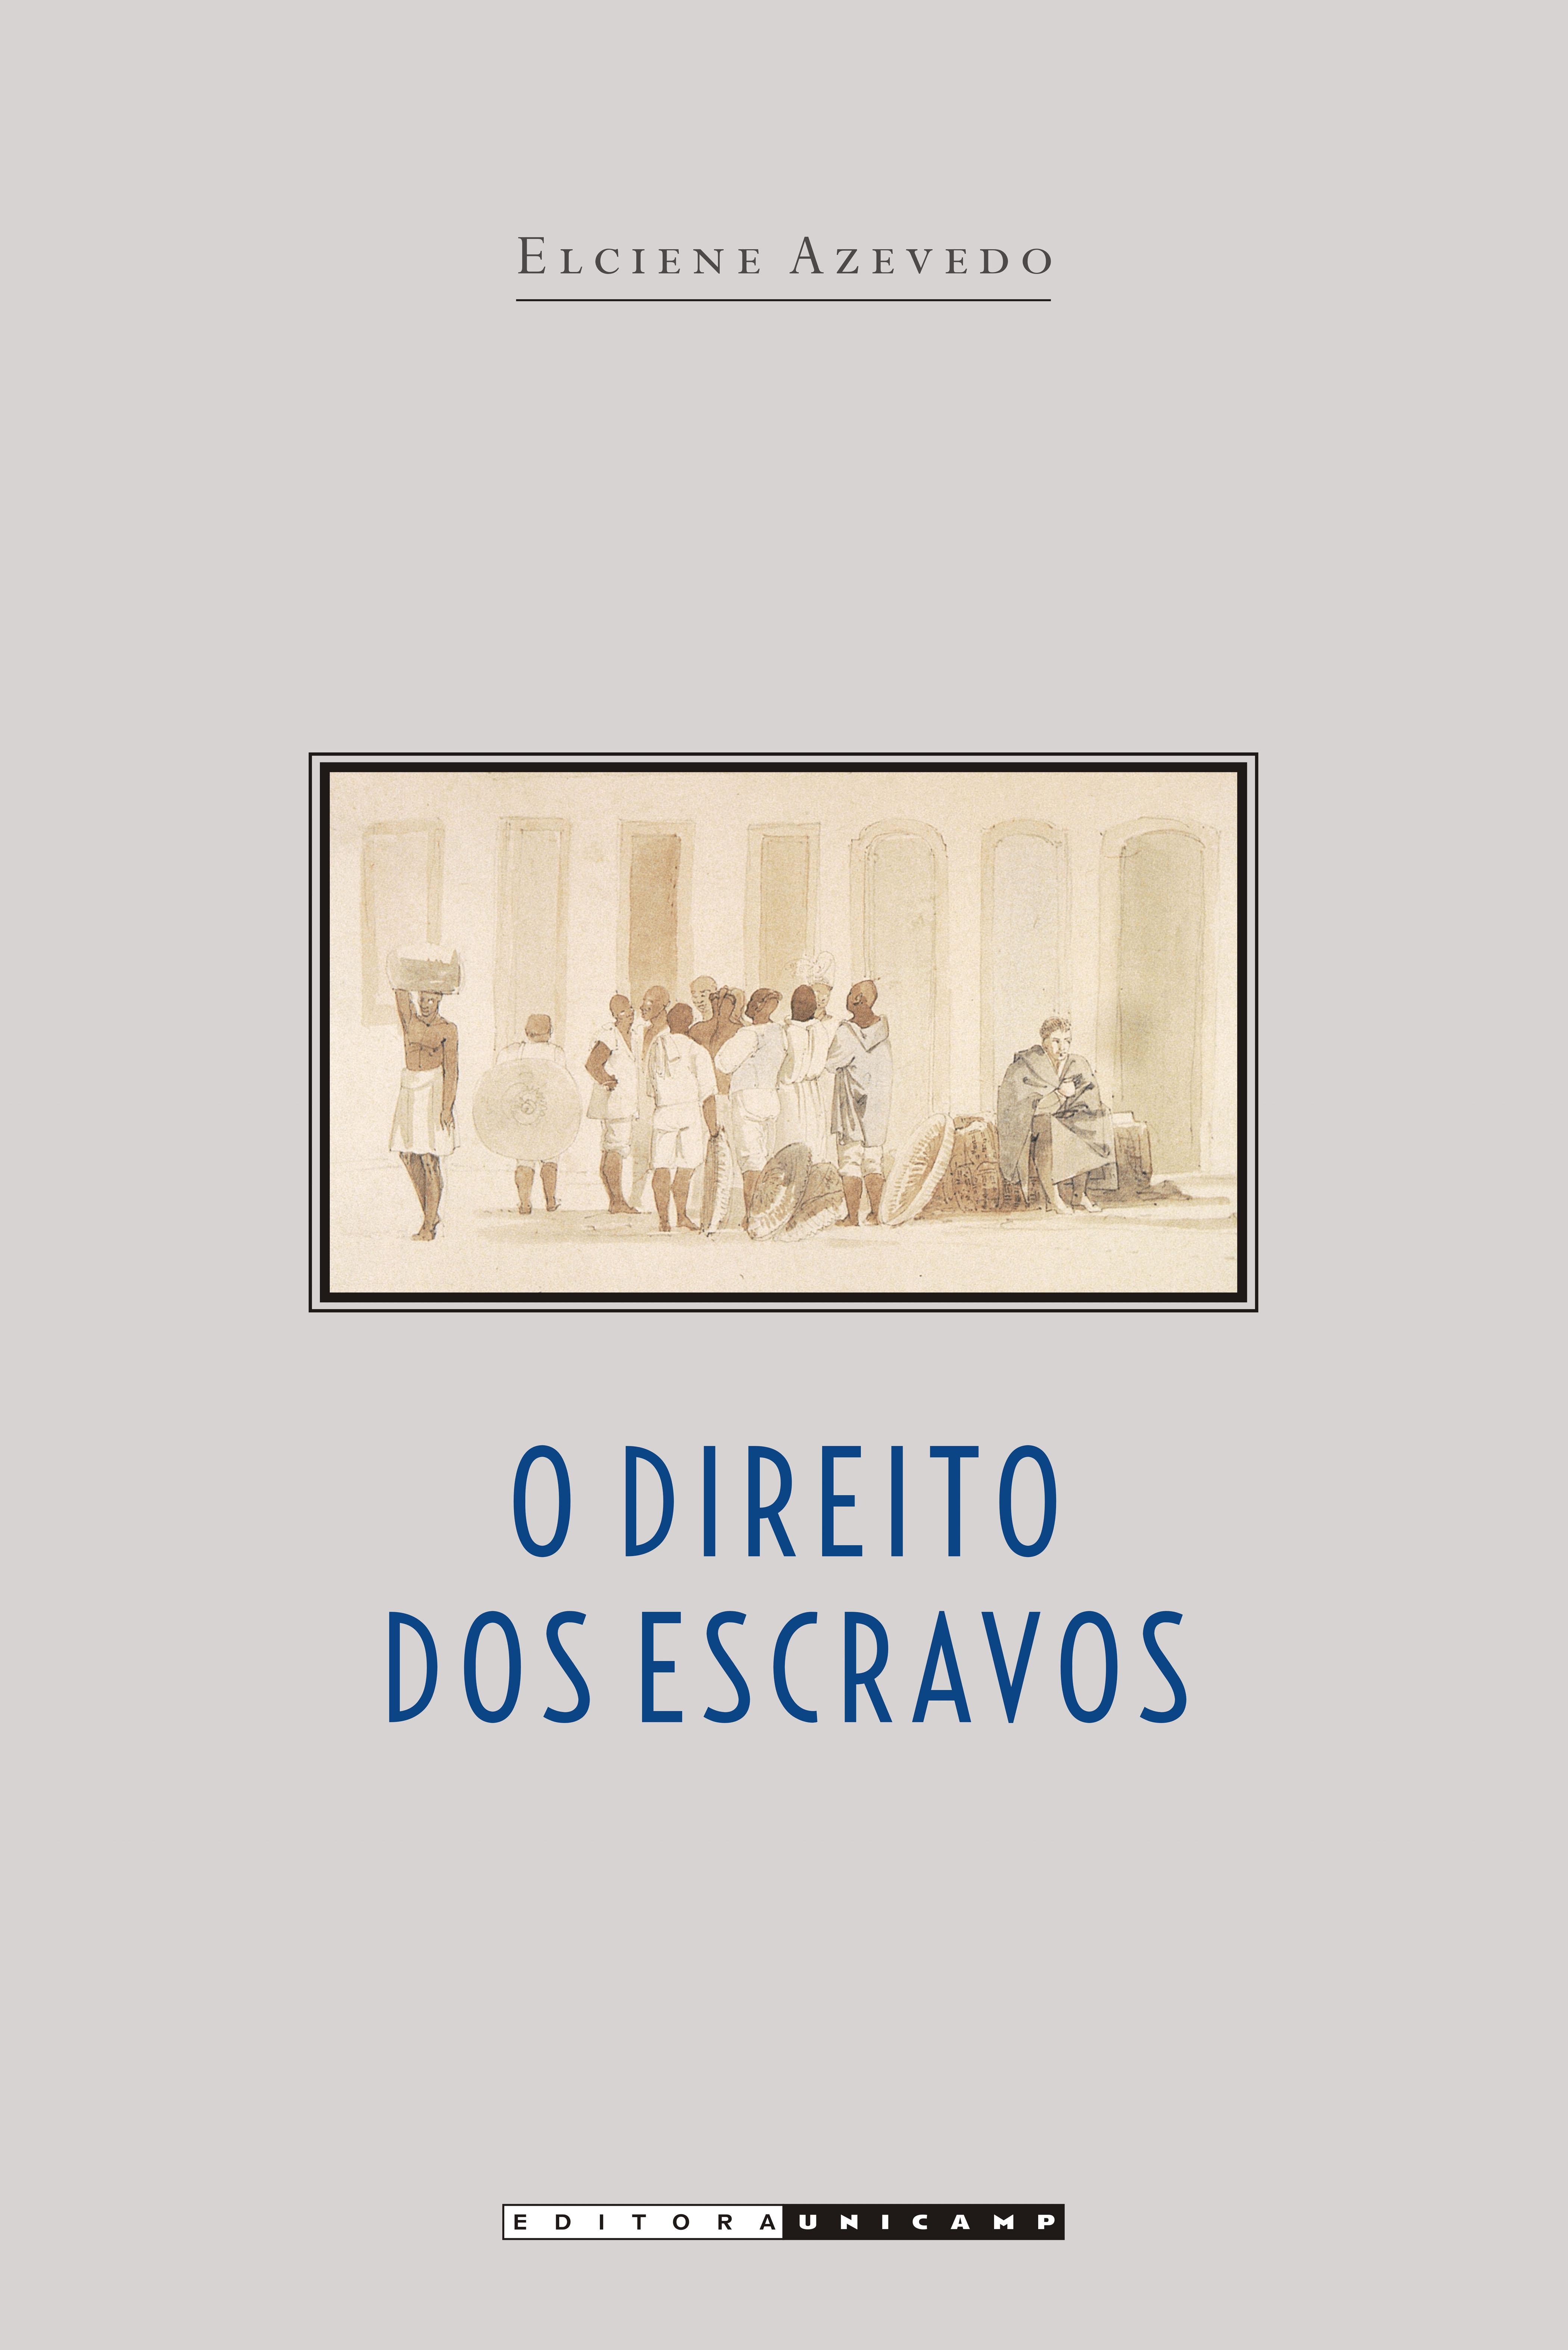 O direito dos escravos - Lutas jurídicas e abolicionismo na província de São Paulo, livro de Elciene Azevedo